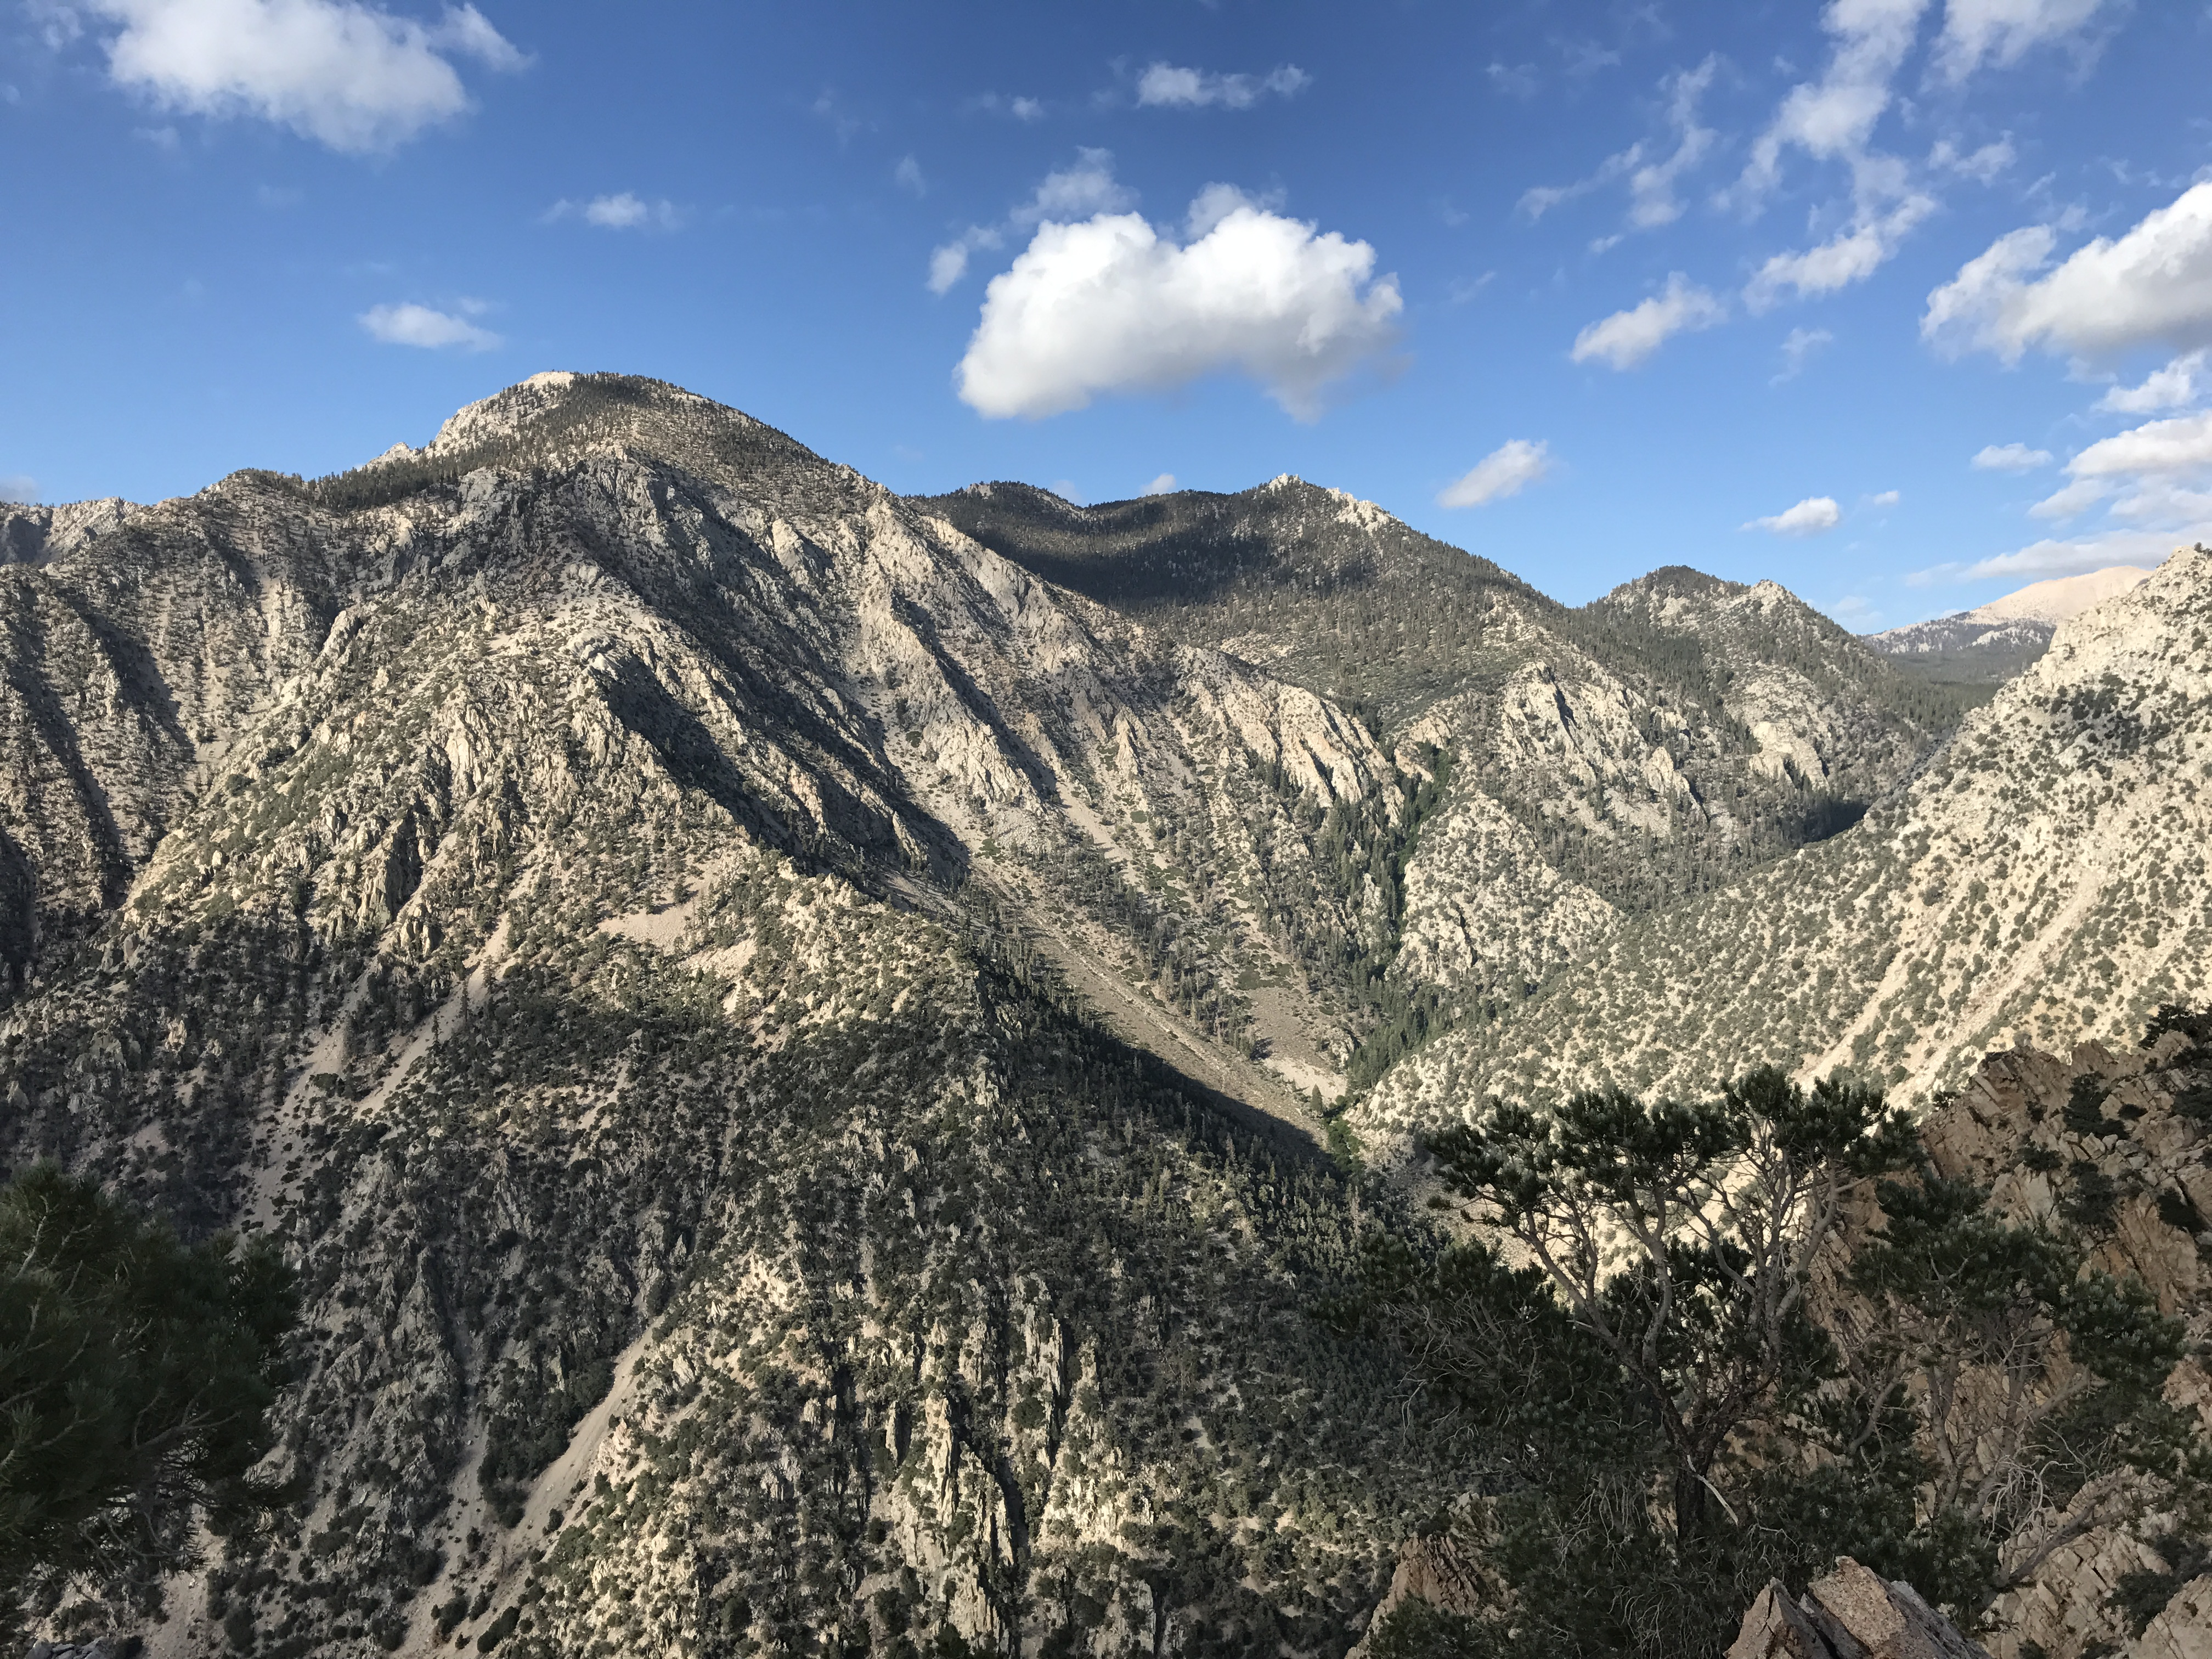 Timosea Peak Ridgeline